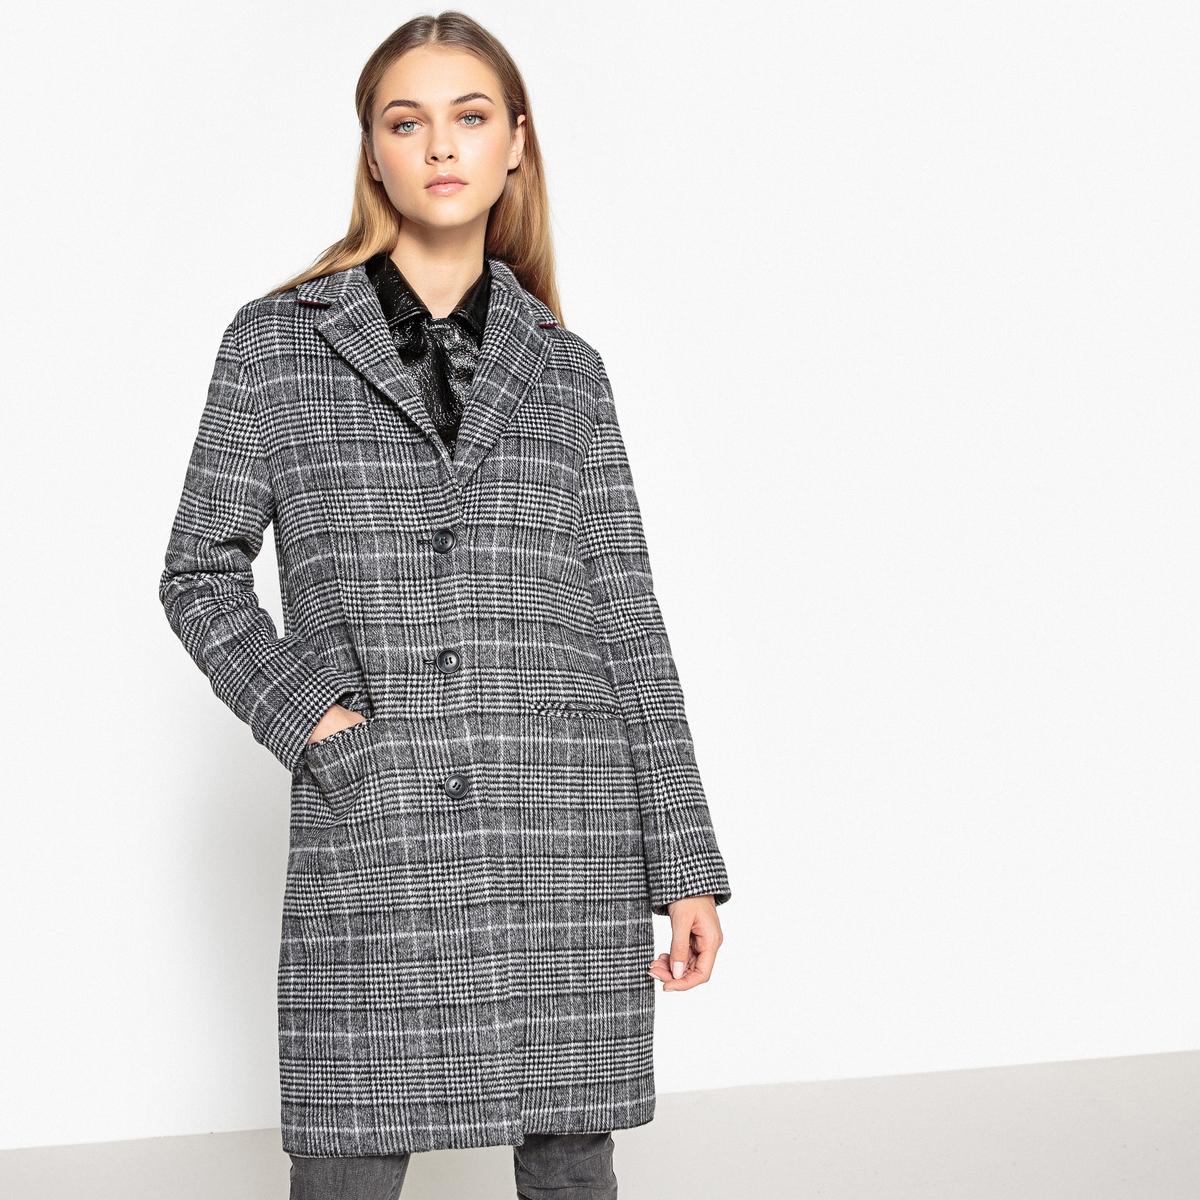 Пальто в клетку 40% шерстиОчень модный мужской покрой, теплое и удобное зимнее пальто . Симпатичный принт в клетку, придающий элегантность .Детали •  Длина : средняя •   V-образный вырез •  Рисунок-принт • Застежка на пуговицыСостав и уход •  40% шерсти, 5% других волокон, 55% полиэстера •  Подкладка : 100% полиэстер • Не стирать  •  Любые растворители / не отбеливать   •  Не использовать барабанную сушку   •  Низкая температура глажки •  Длина : 94 см<br><br>Цвет: в клетку<br>Размер: 44 (FR) - 50 (RUS).48 (FR) - 54 (RUS).42 (FR) - 48 (RUS).36 (FR) - 42 (RUS)